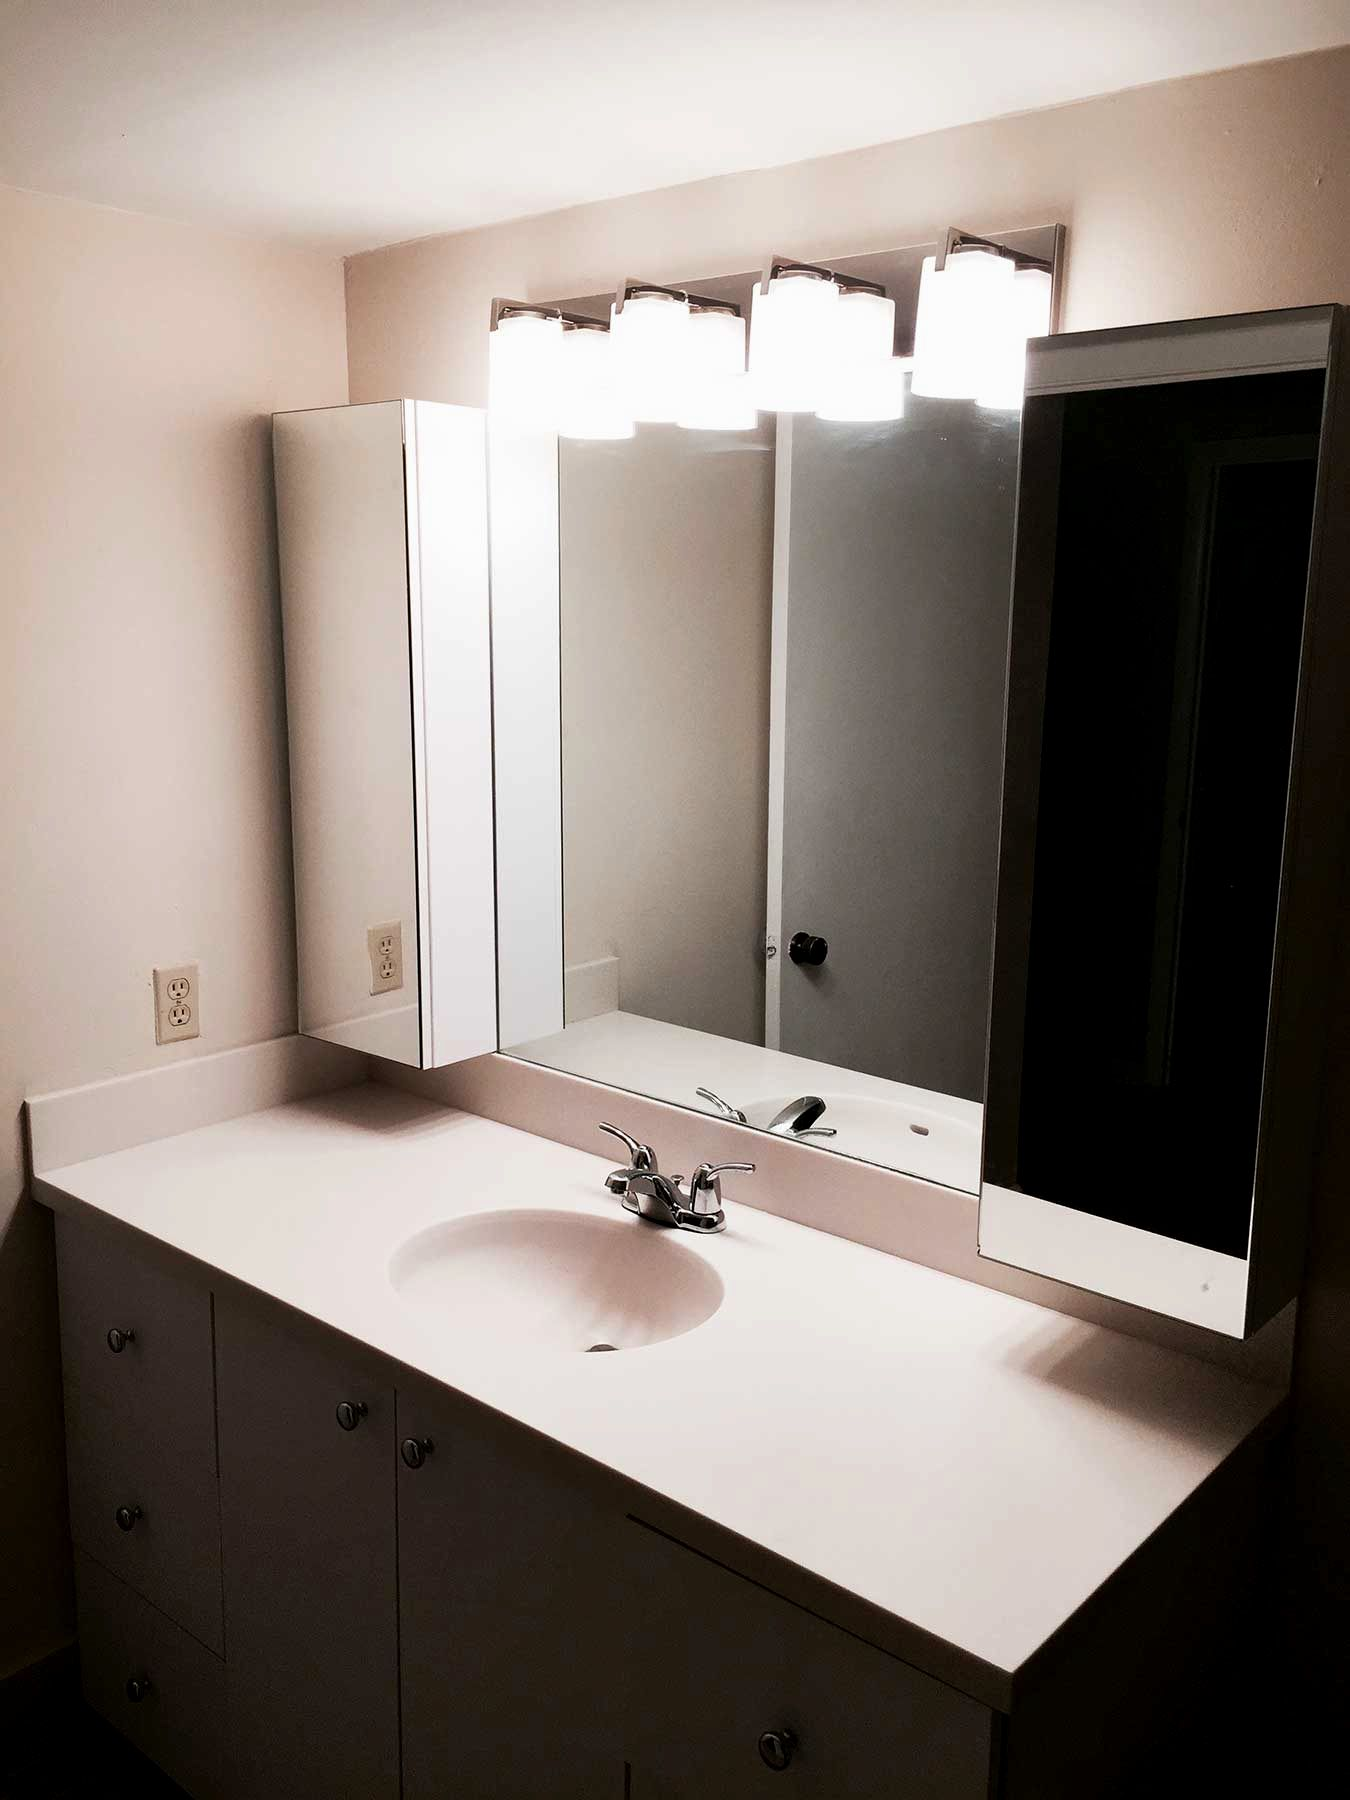 stunning bathroom vanities miami picture-Lovely Bathroom Vanities Miami Wallpaper